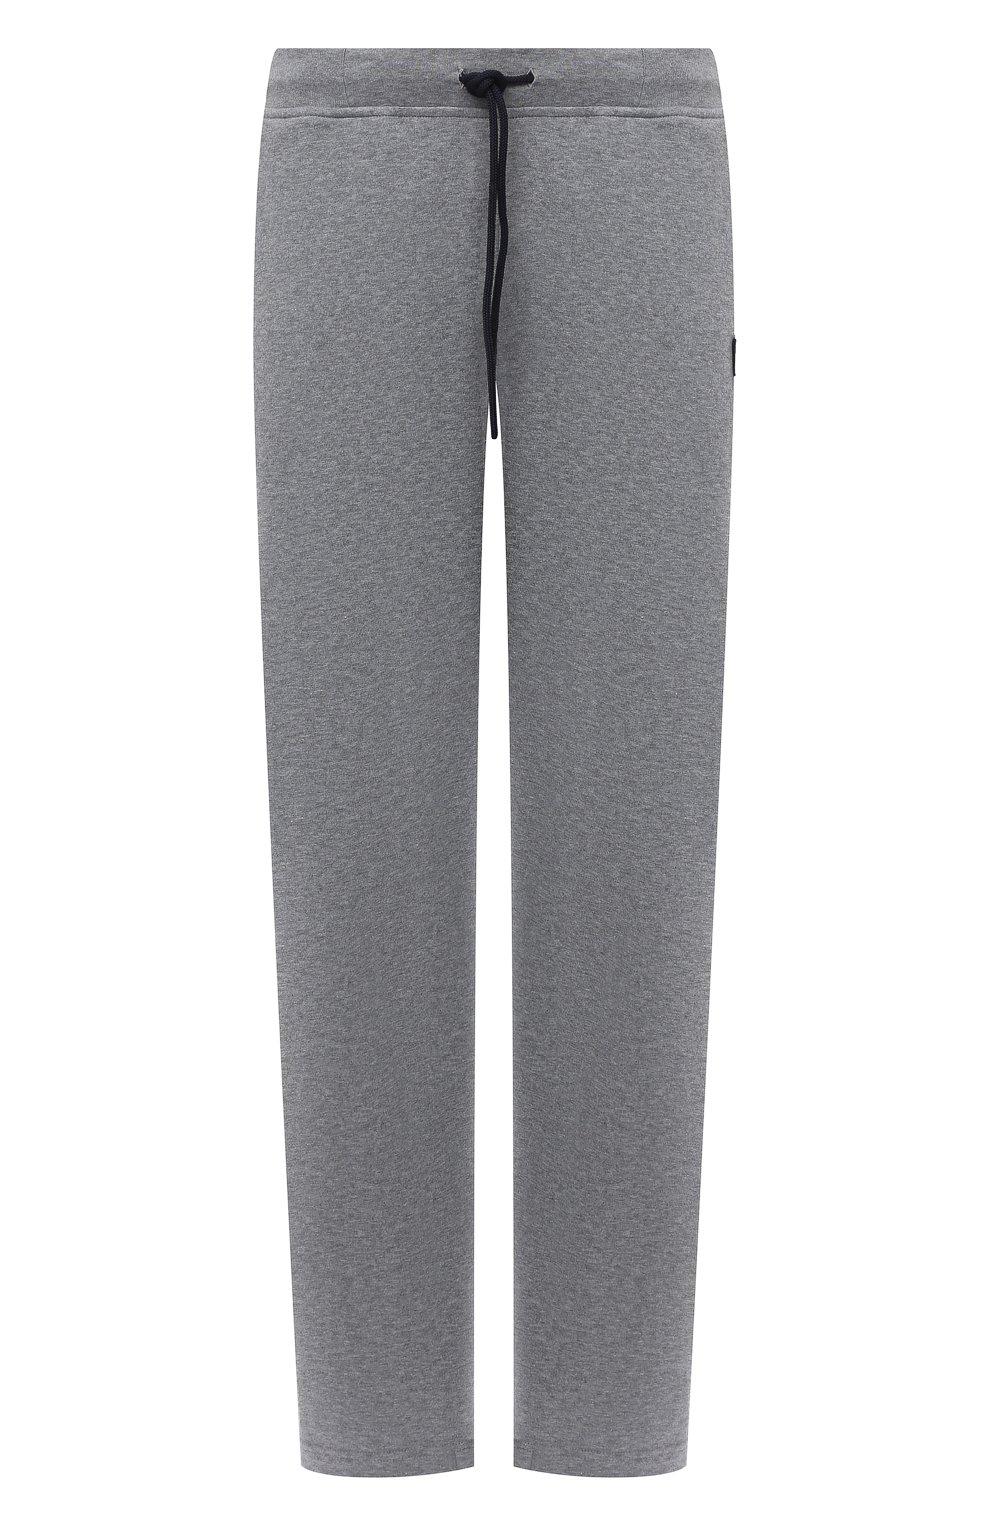 Мужские хлопковые брюки PAUL&SHARK серого цвета, арт. C0P1062/C00/3XL-6XL   Фото 1 (Мужское Кросс-КТ: Брюки-трикотаж; Длина (брюки, джинсы): Стандартные; Случай: Повседневный; Материал внешний: Хлопок; Стили: Спорт-шик)